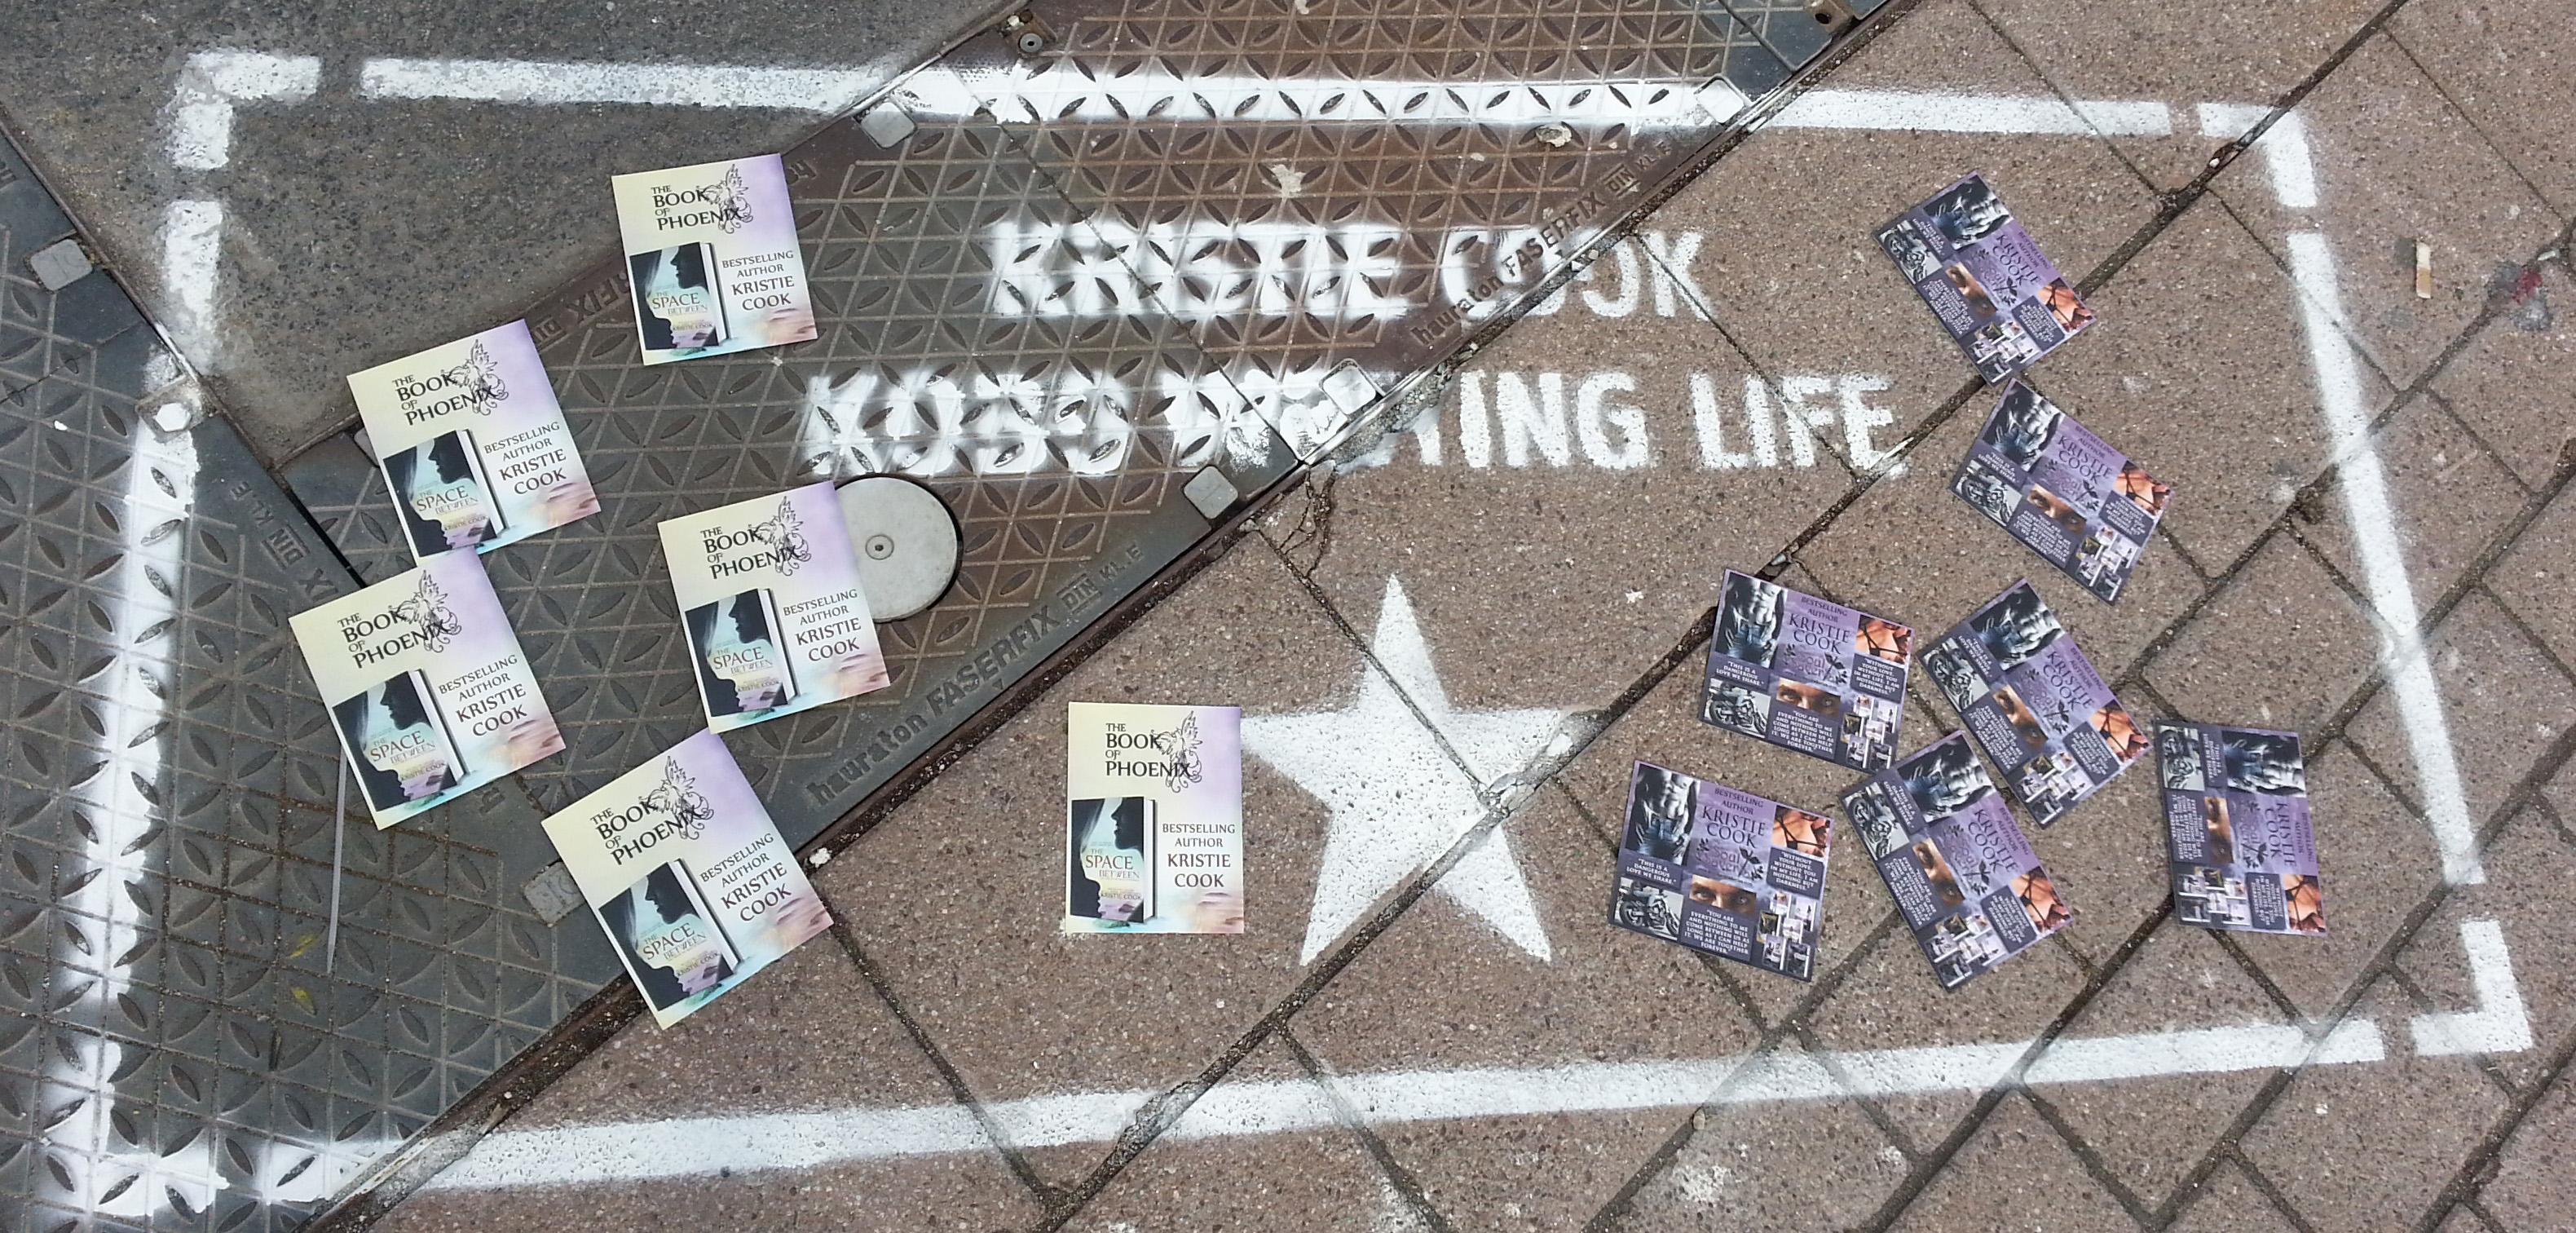 kobo writers life